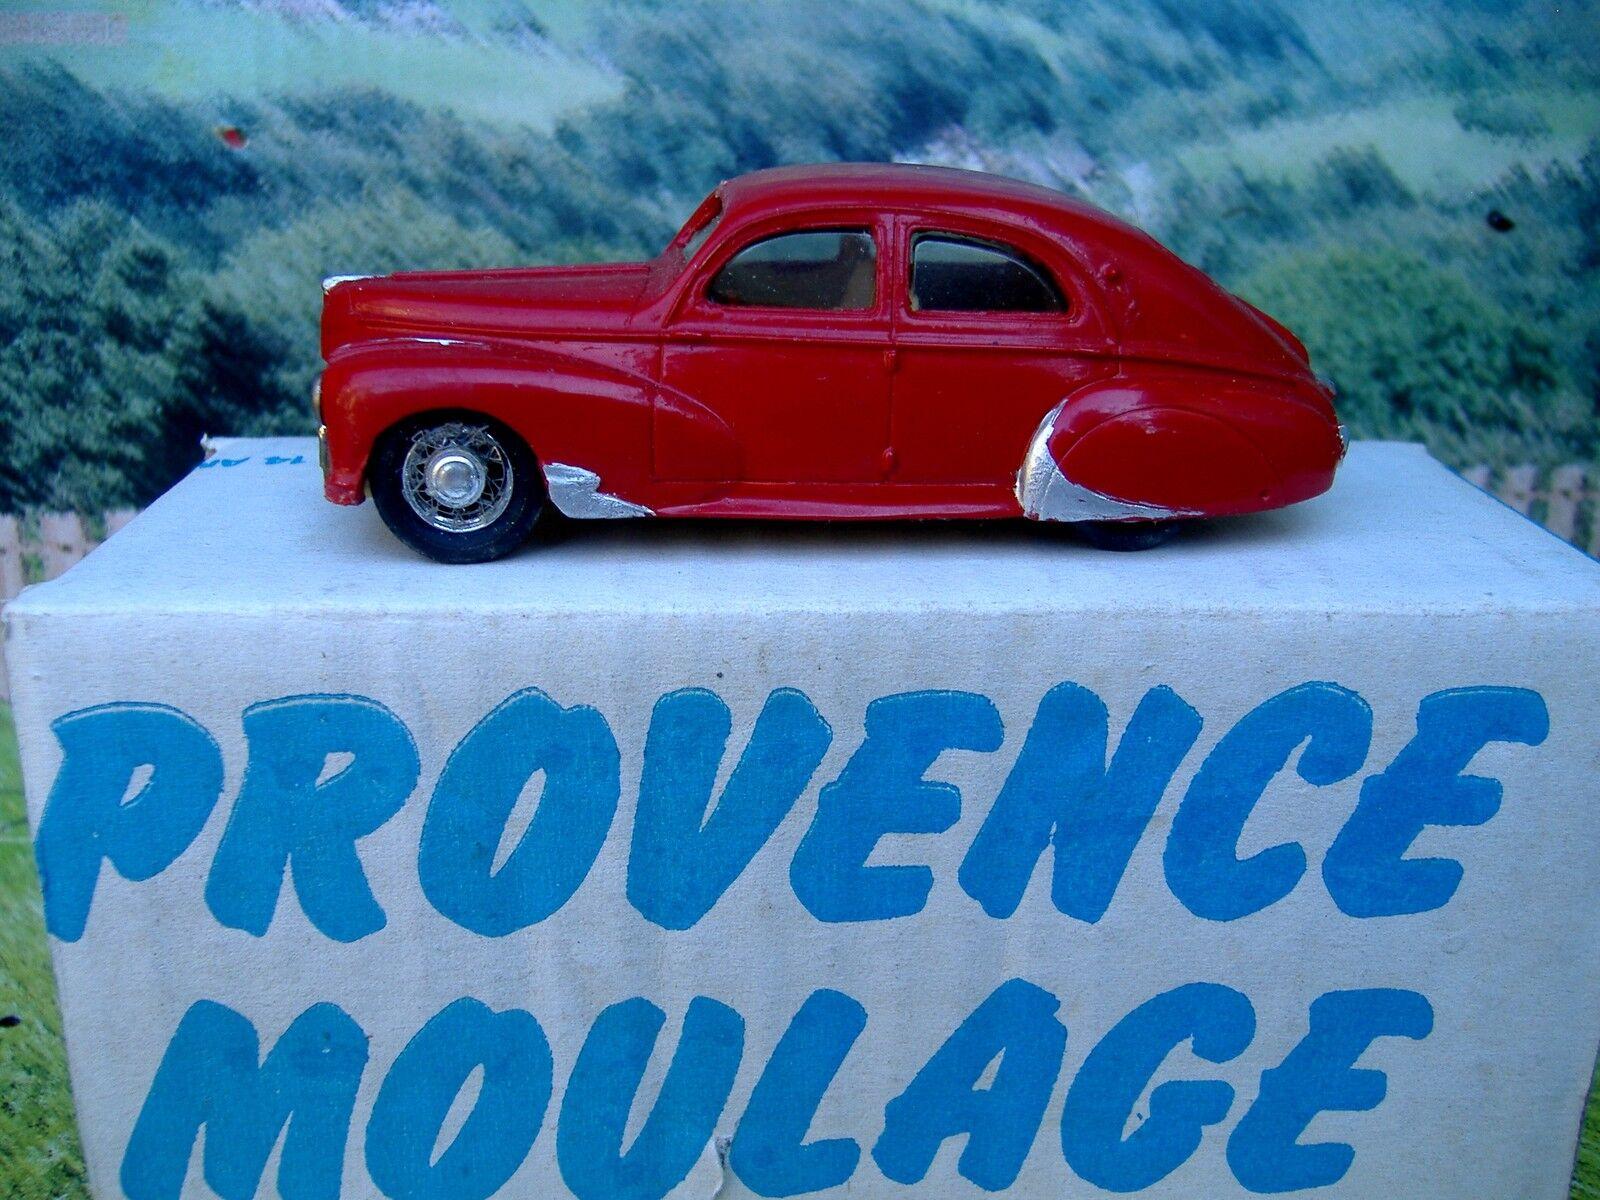 1 43 Provence Moulage (France) Peugeot 203 berline   Handmade Resin Model Car